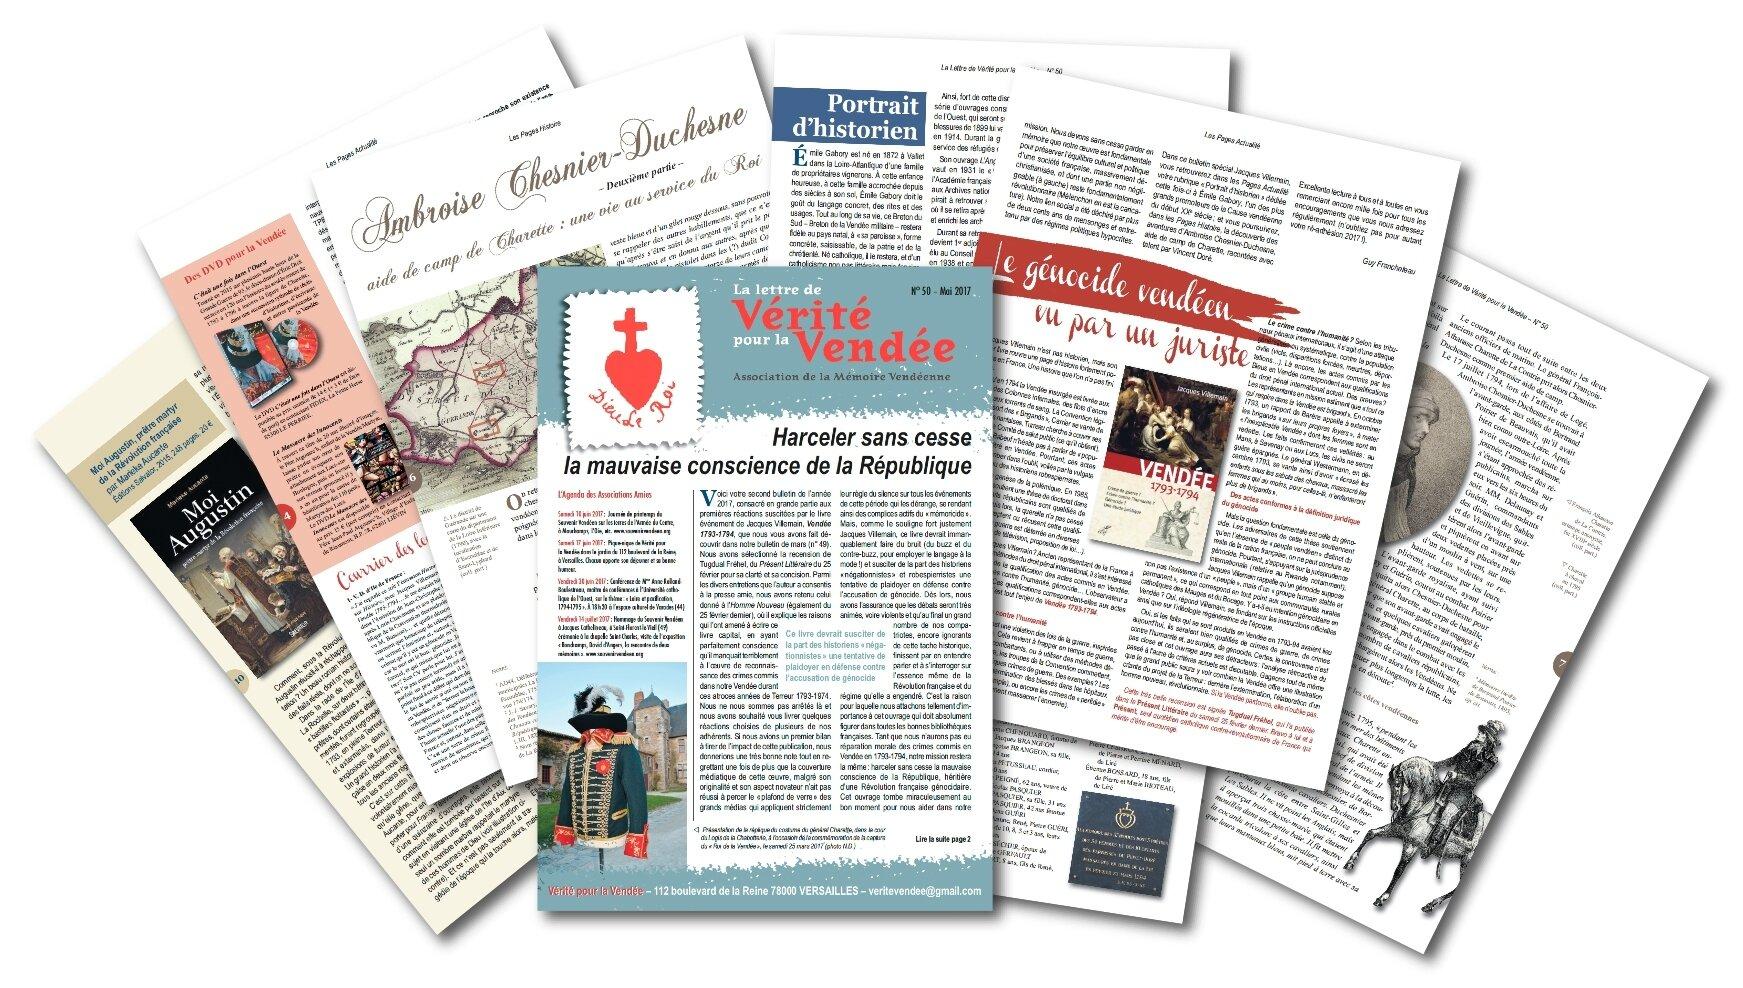 Génocide vendéen : Jacques Villemain fait toujours l'actualité de Vérité pour la Vendée